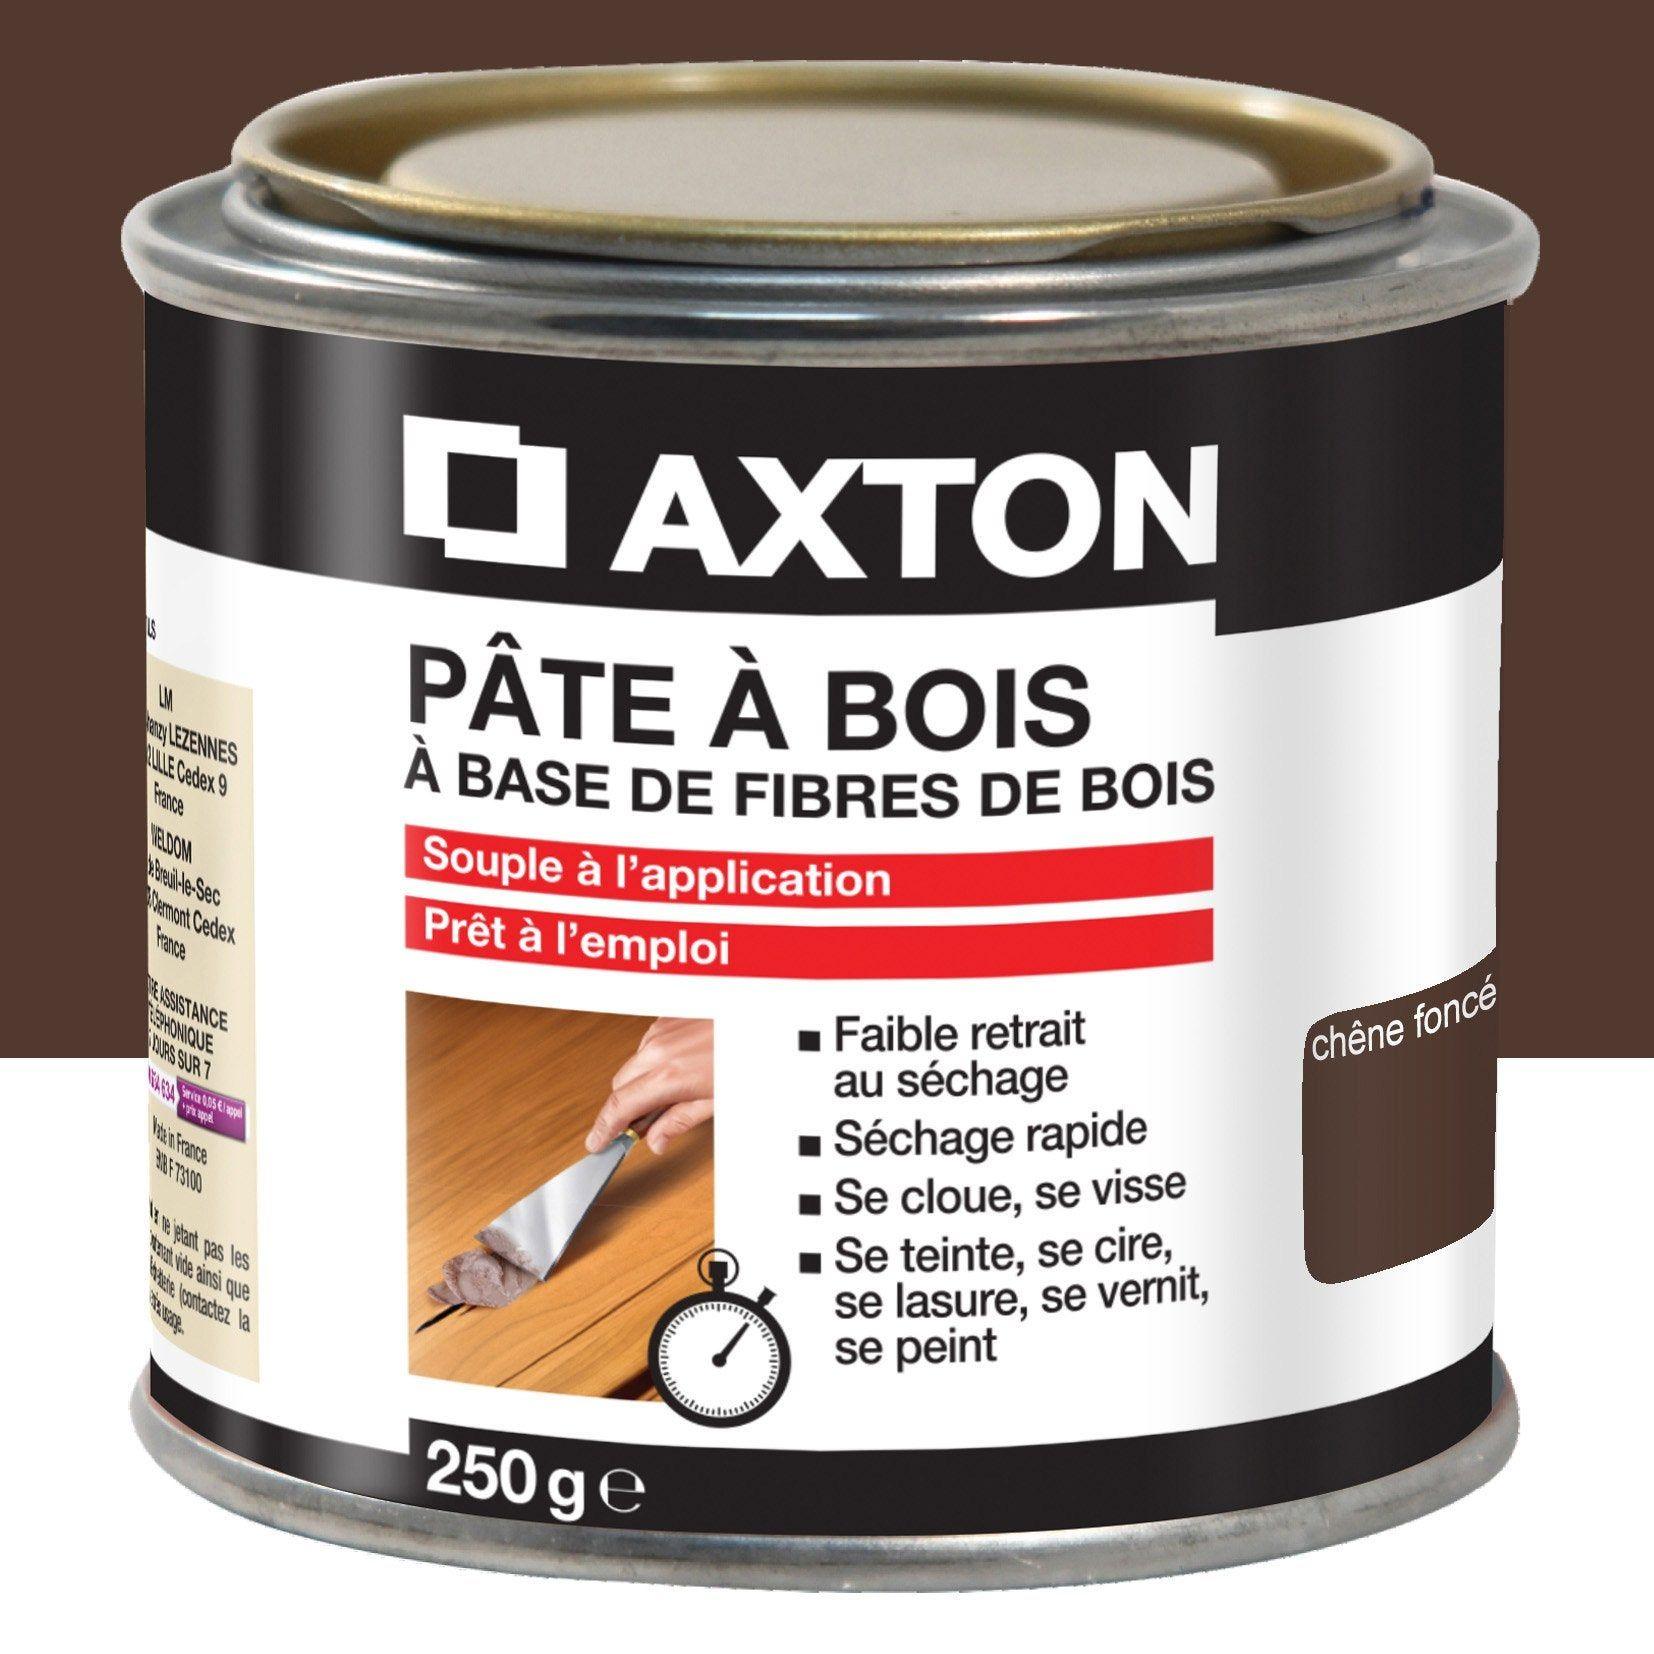 Pate A Bois Axton Chene Fonce 250 En 2020 Pate A Bois Bois Et Bois Souple